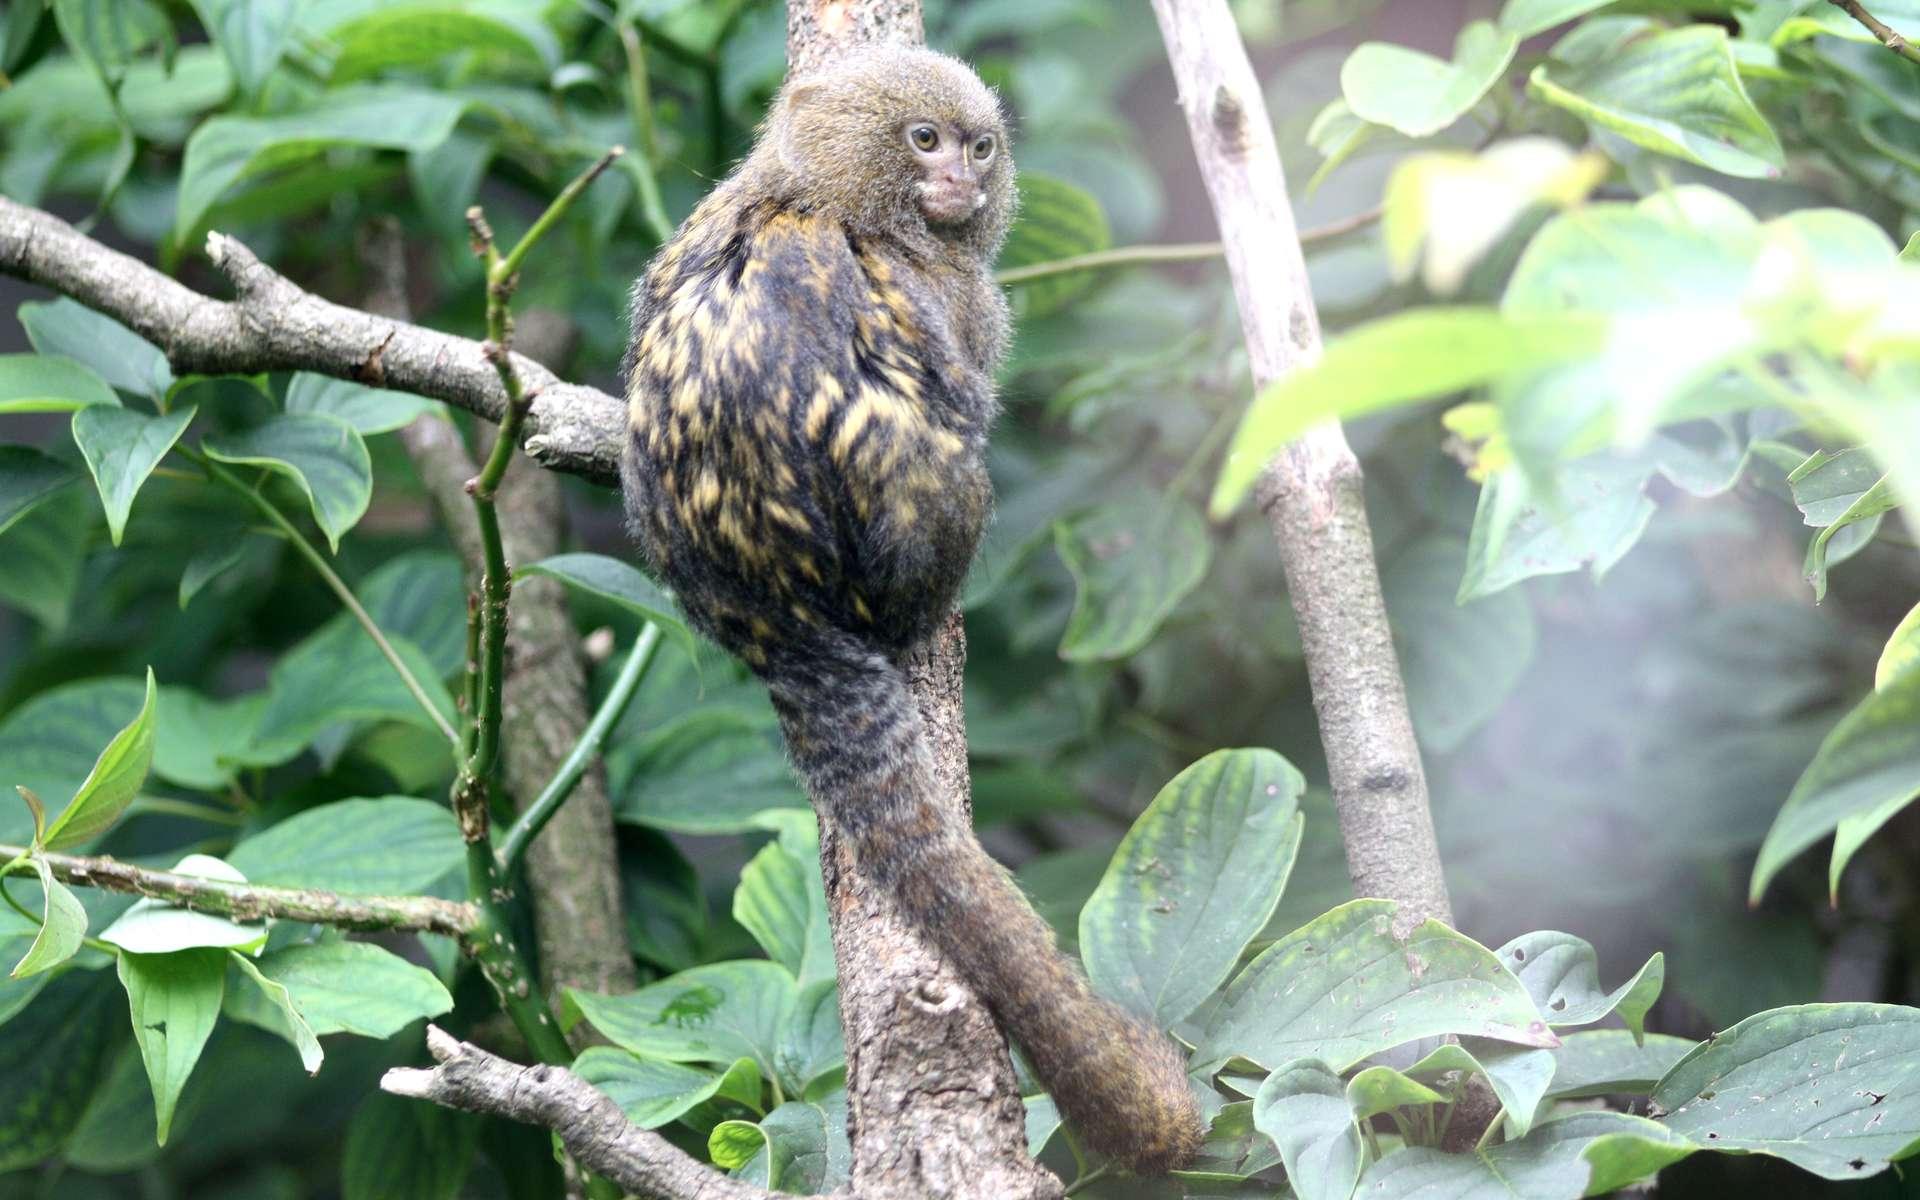 Le ouistiti pygmée est également appelé marmouset par les Anglais. © Patrick Straub